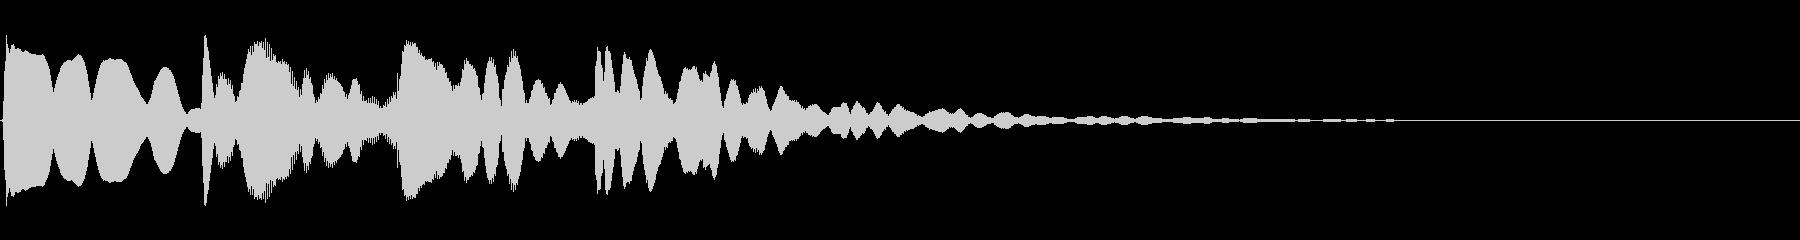 ピンポンパンポン03-3(バイノーラル)の未再生の波形